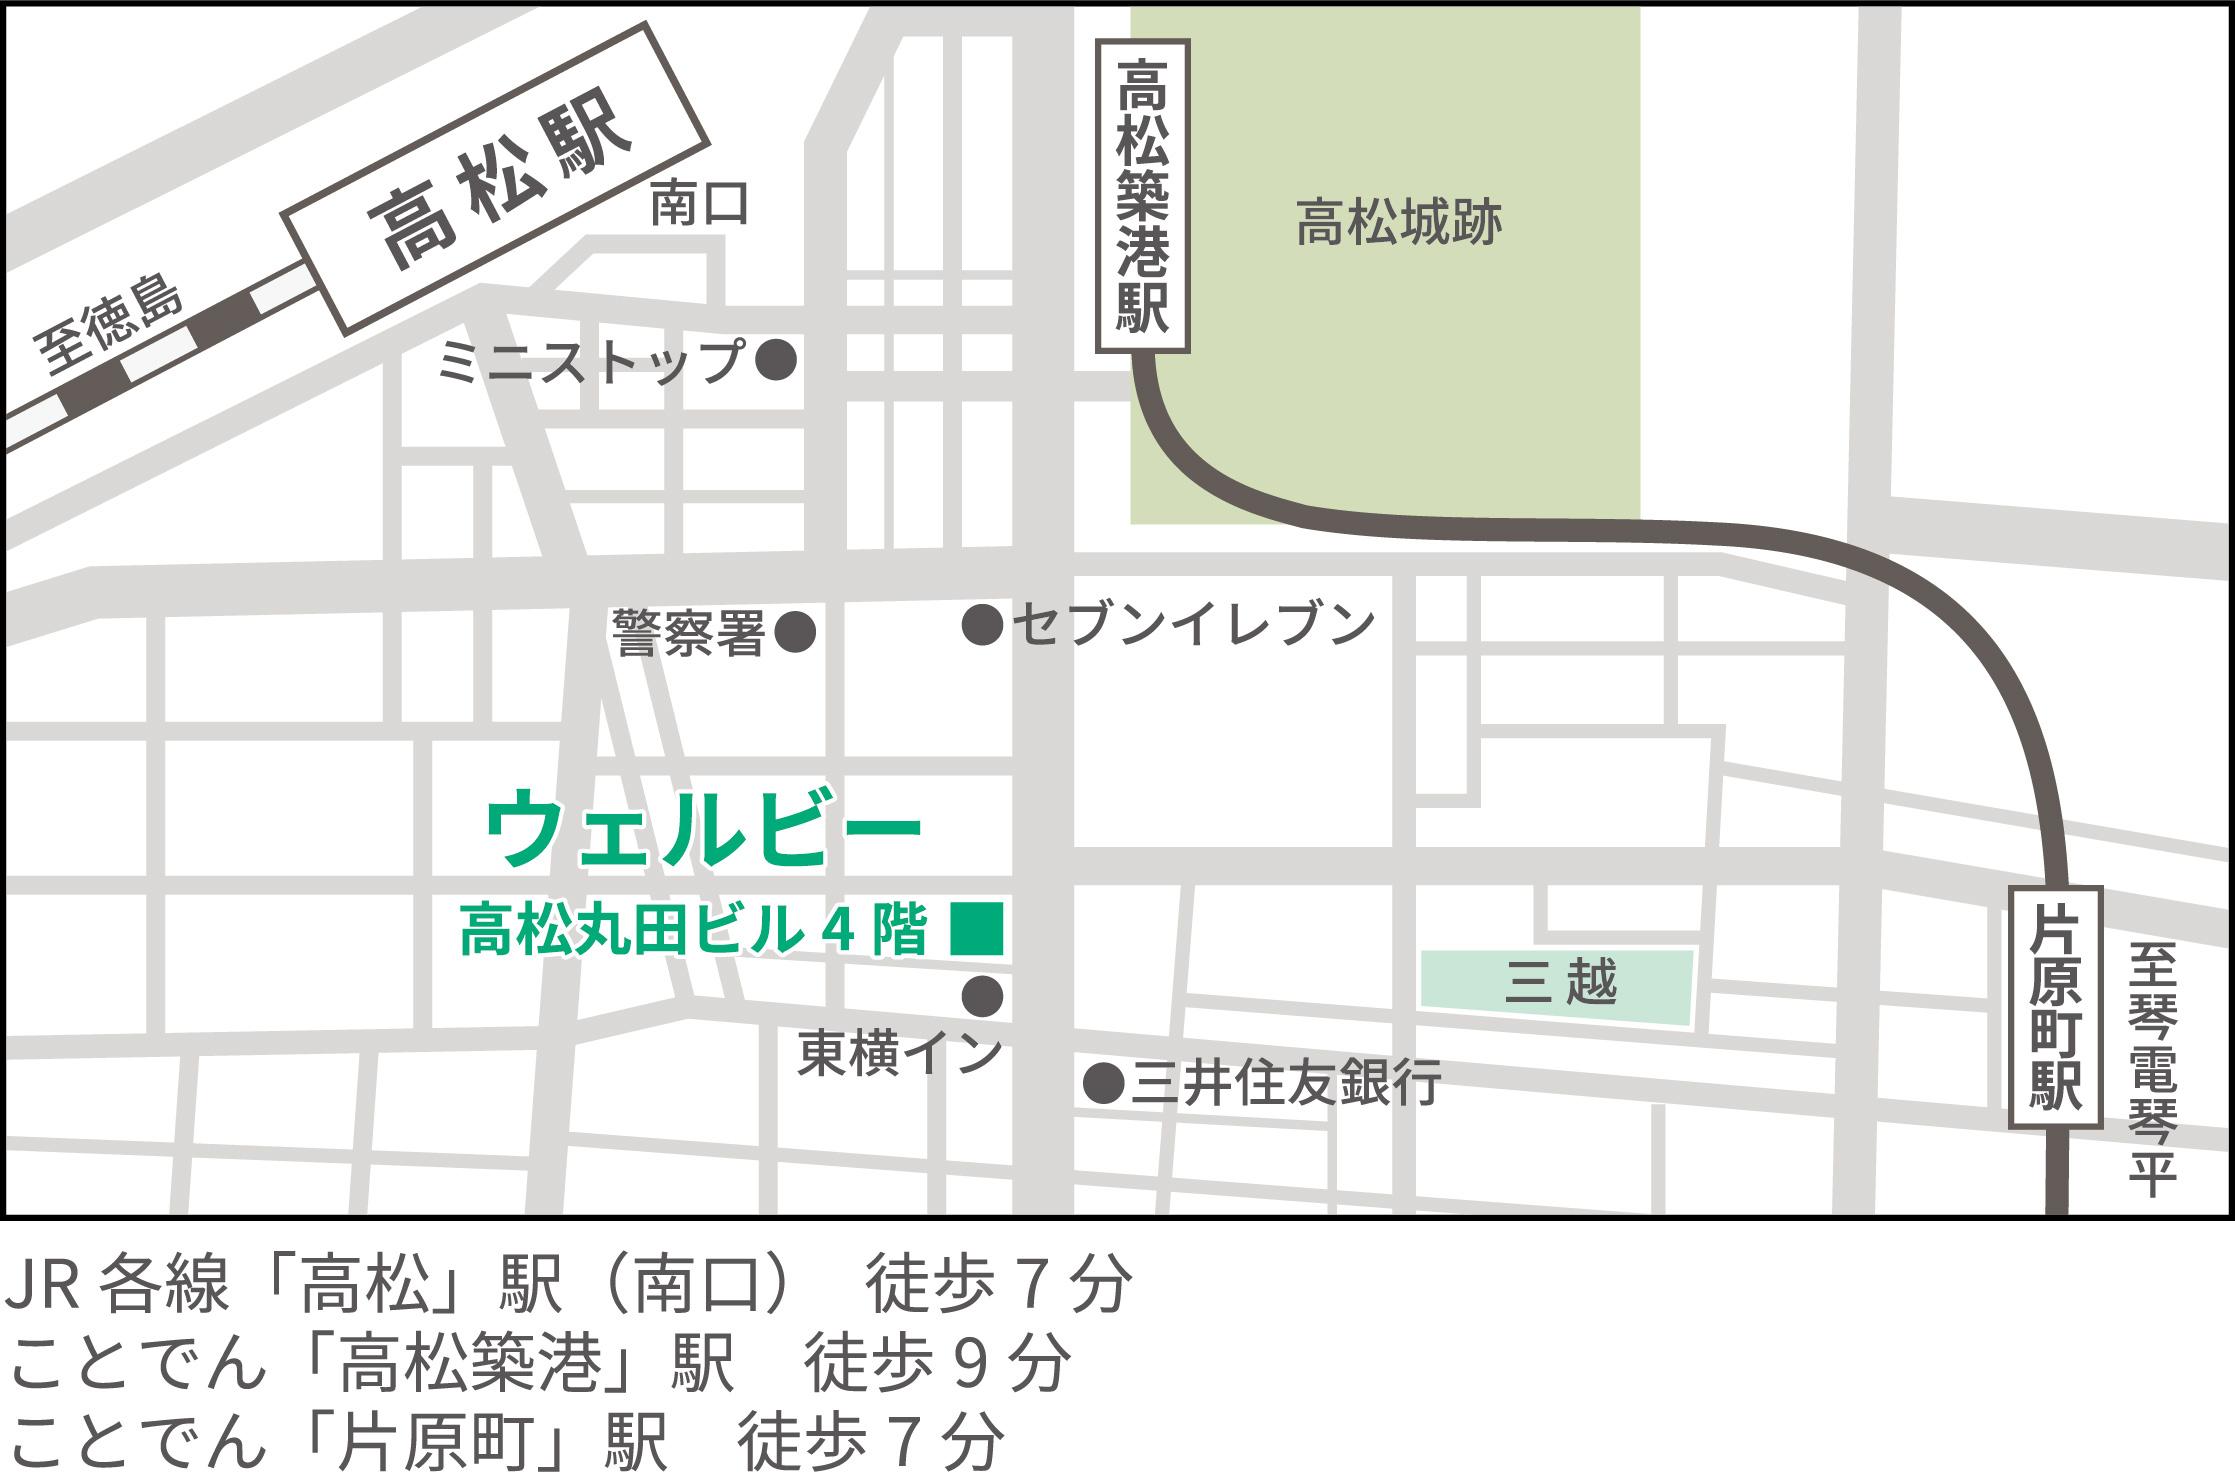 ウェルビー高松センター地図+(1)